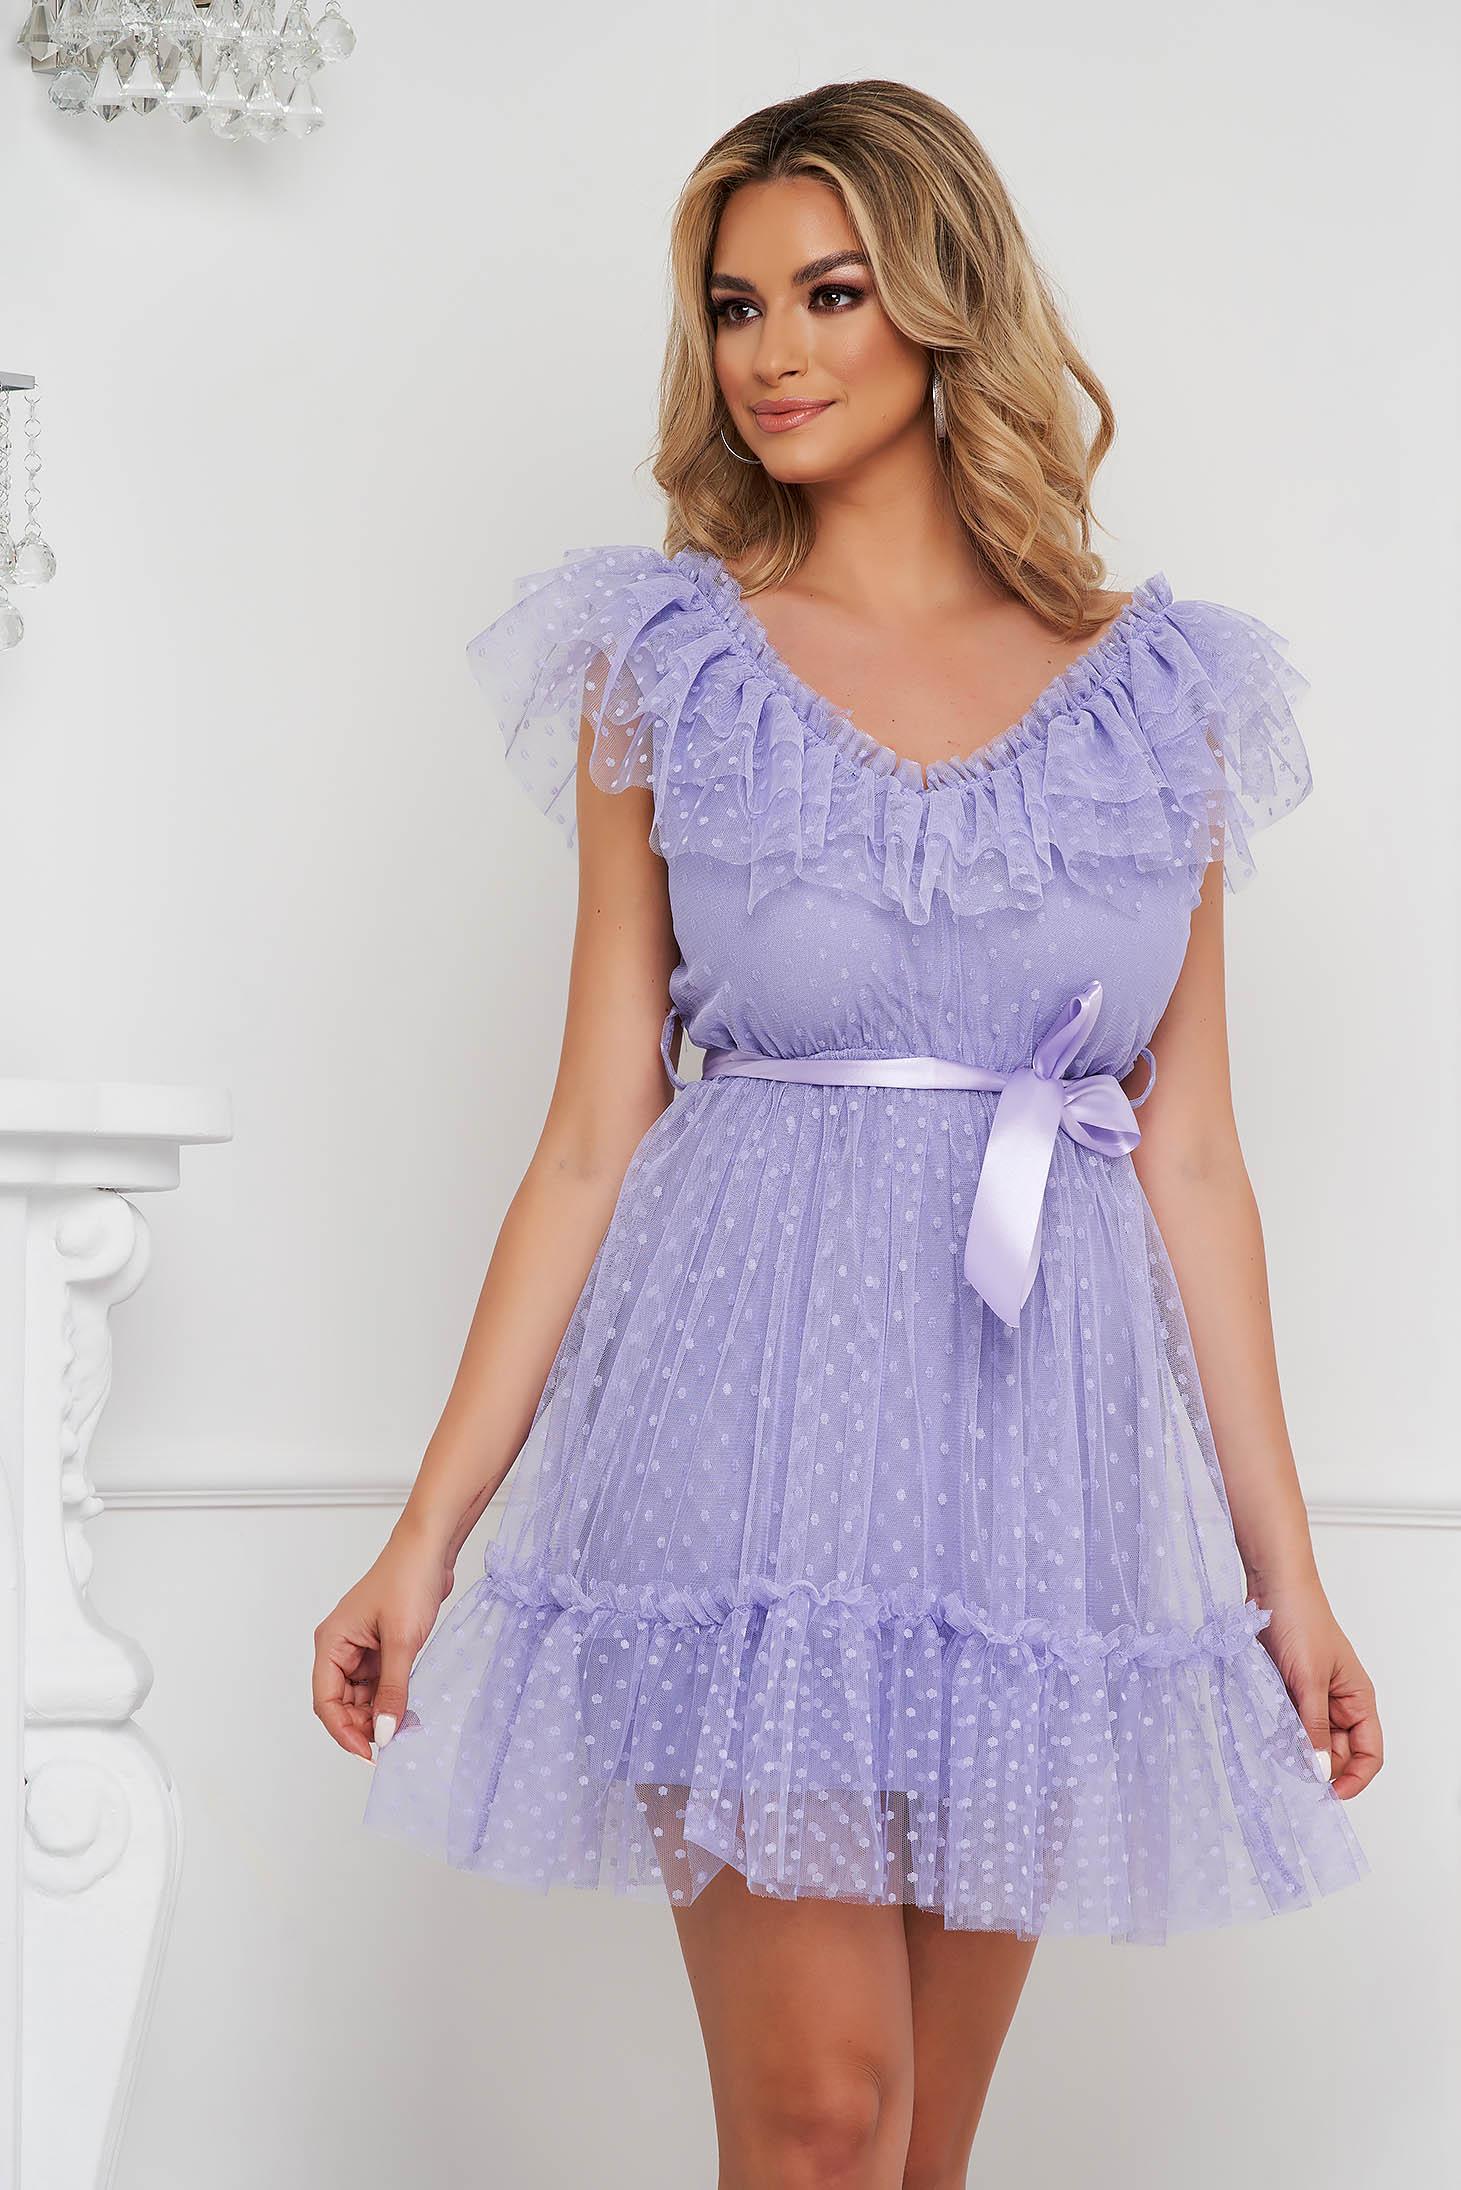 Rochie lila de ocazie din tul in clos pe umeri cu aplicatii din plumeti accesorizata cu cordon